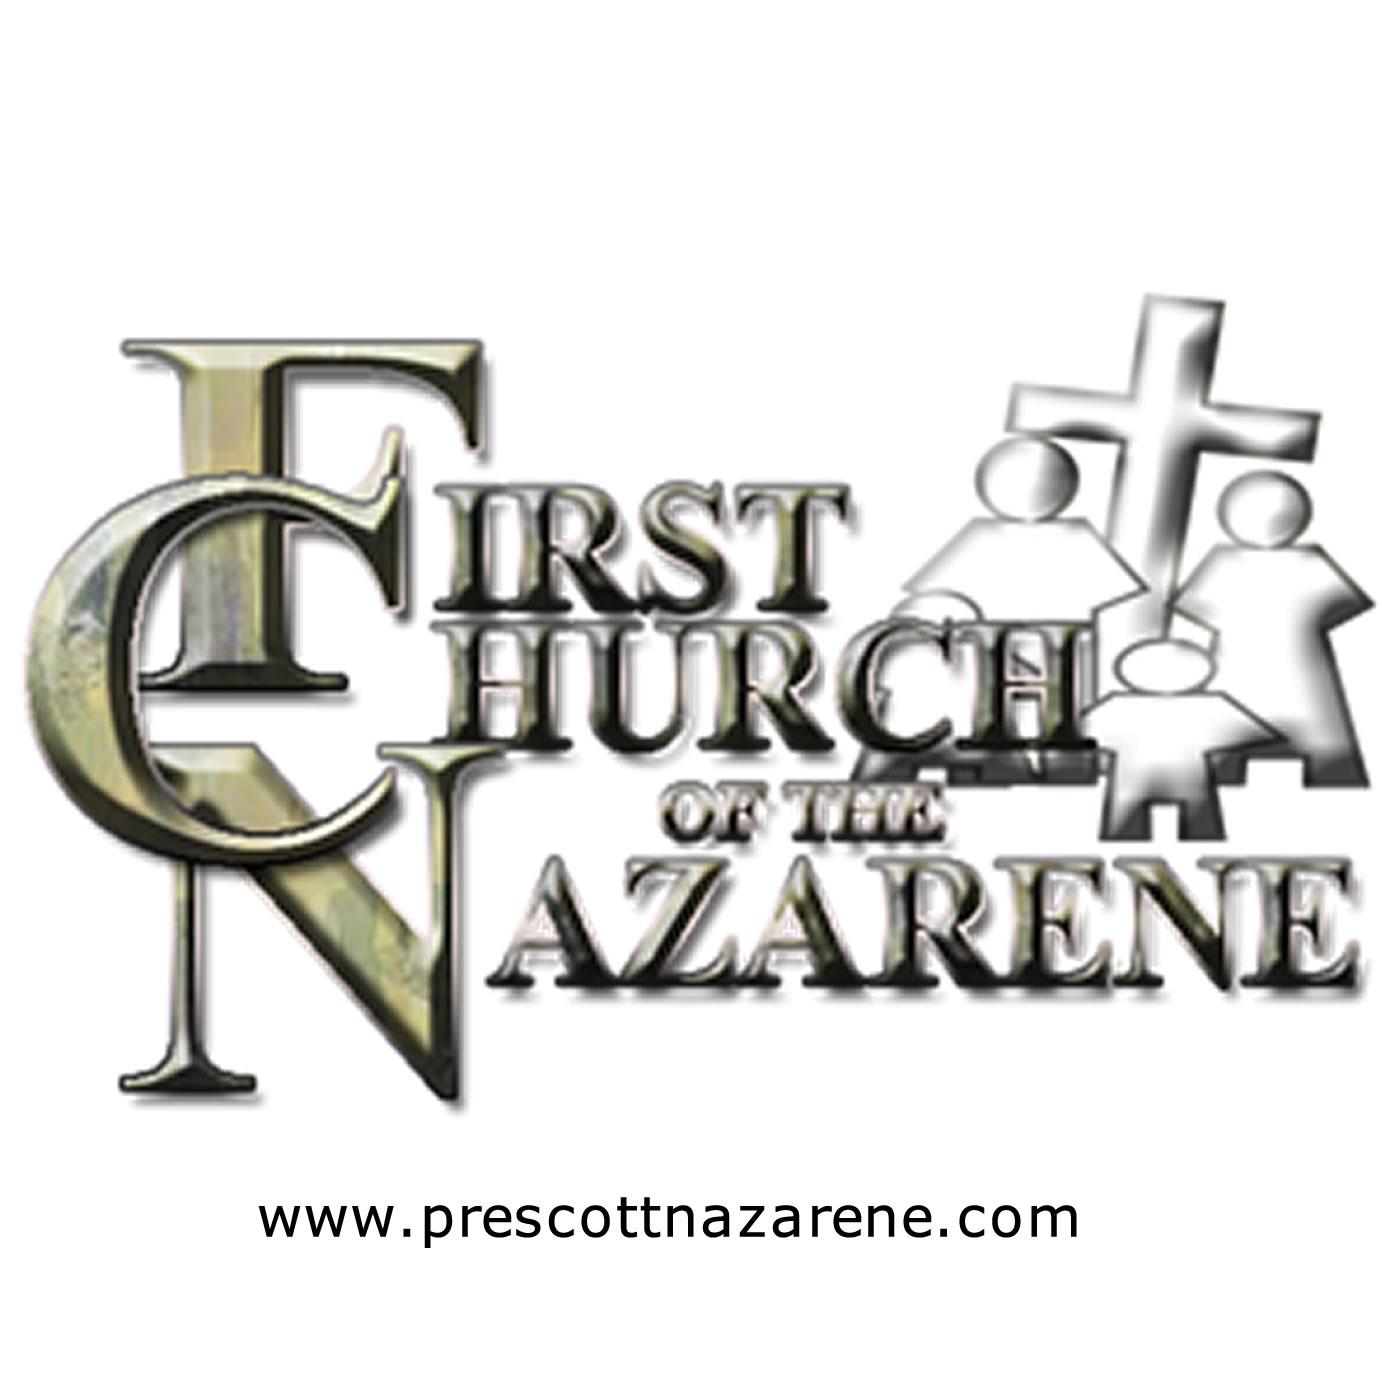 Prescott First Church of the Nazarene